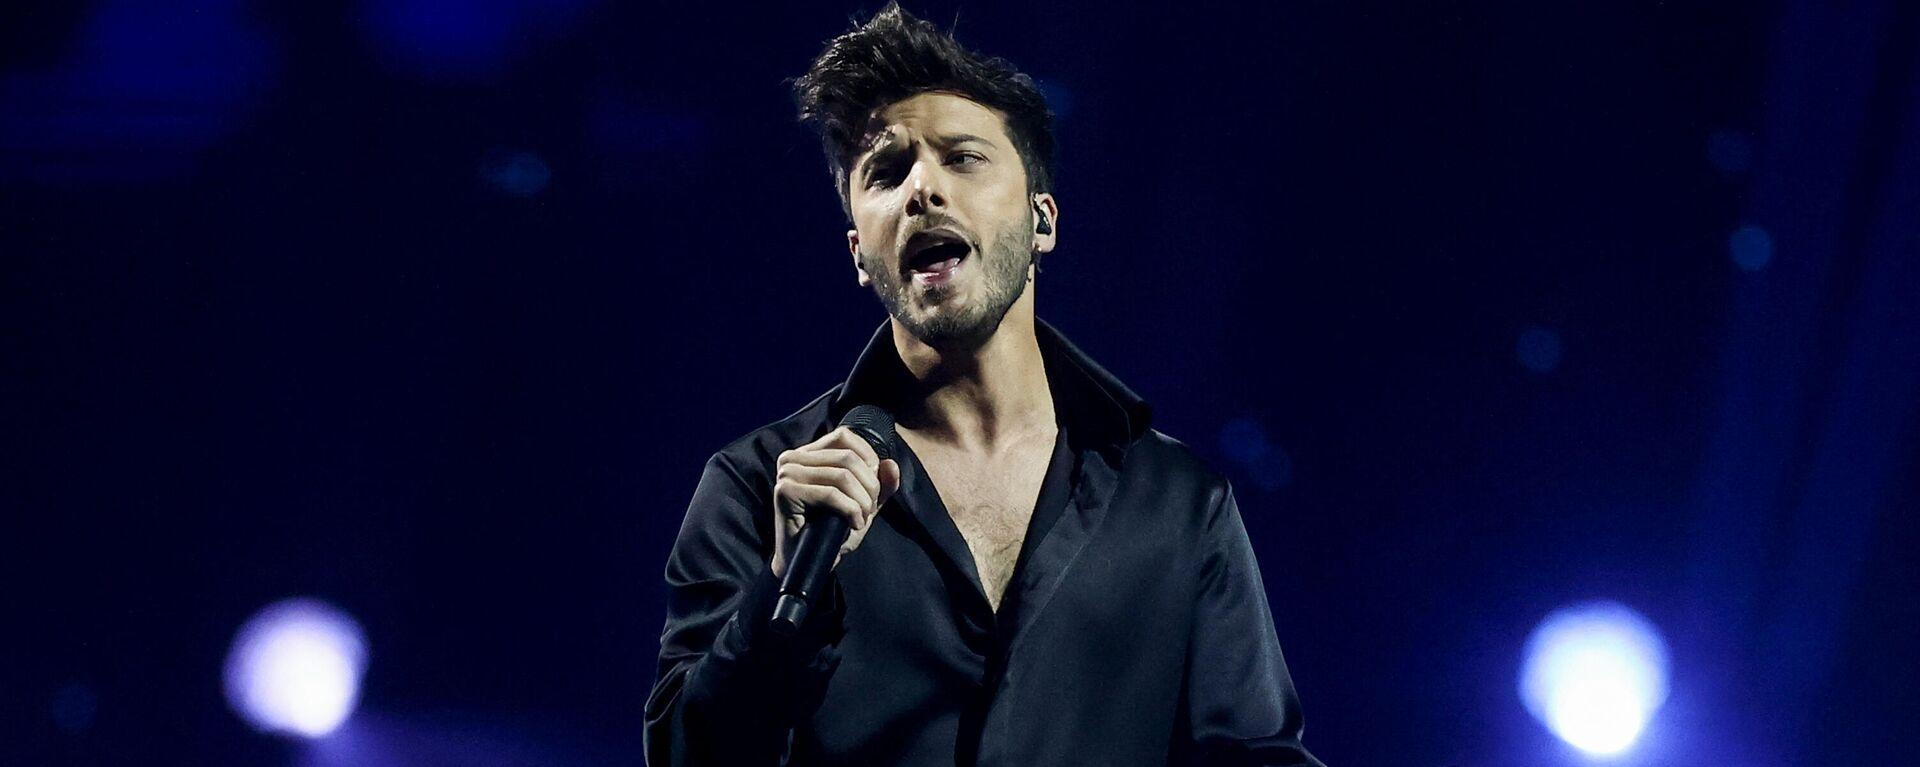 El representante español, Blas Cantó, sobre el escenario de Eurovisión 2021 - Sputnik Mundo, 1920, 25.05.2021